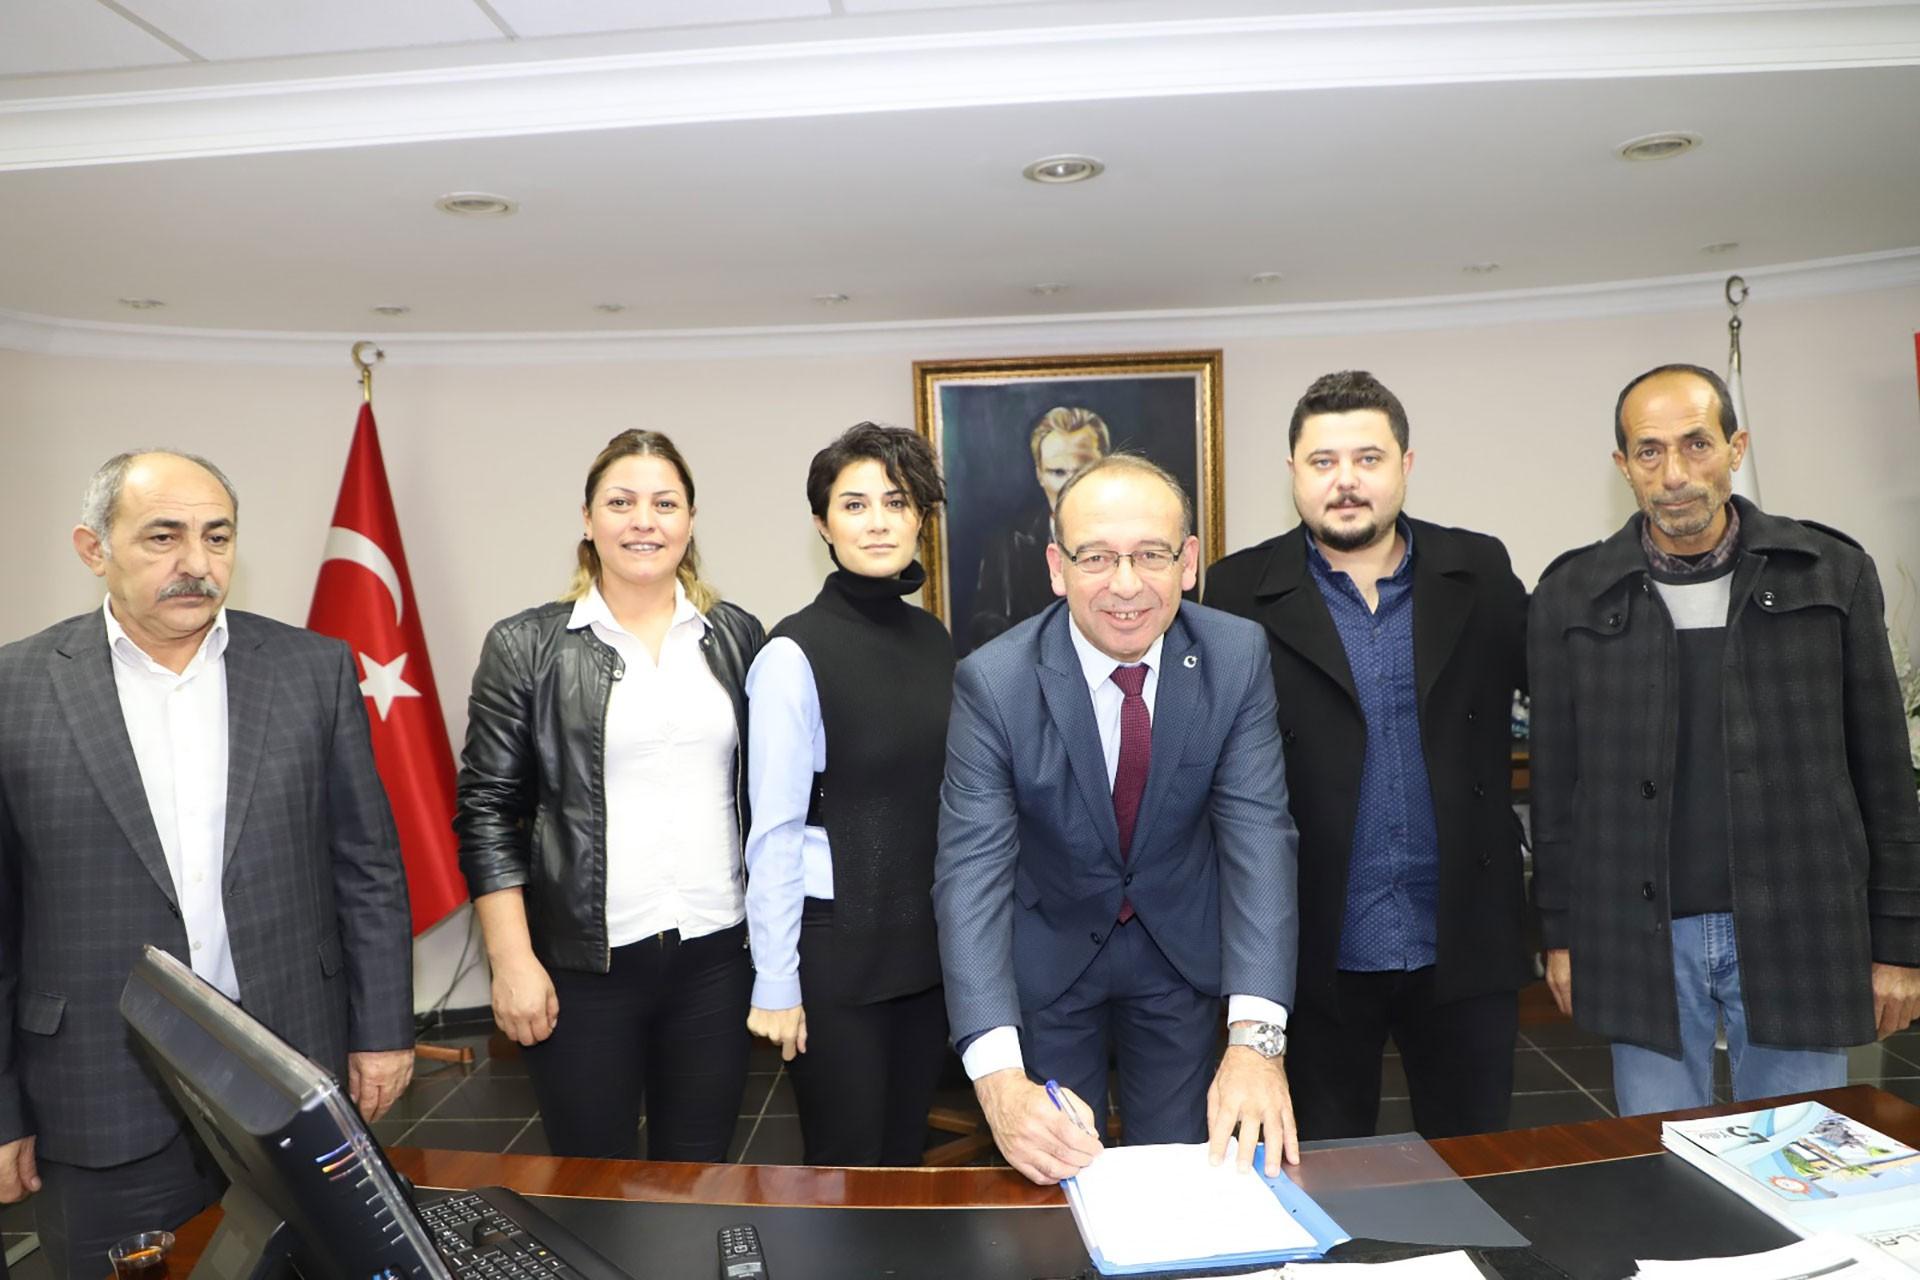 Genel İş İzmir 7 Nolu Şube Turgutlu Belediyesi ile TİS imzaladı